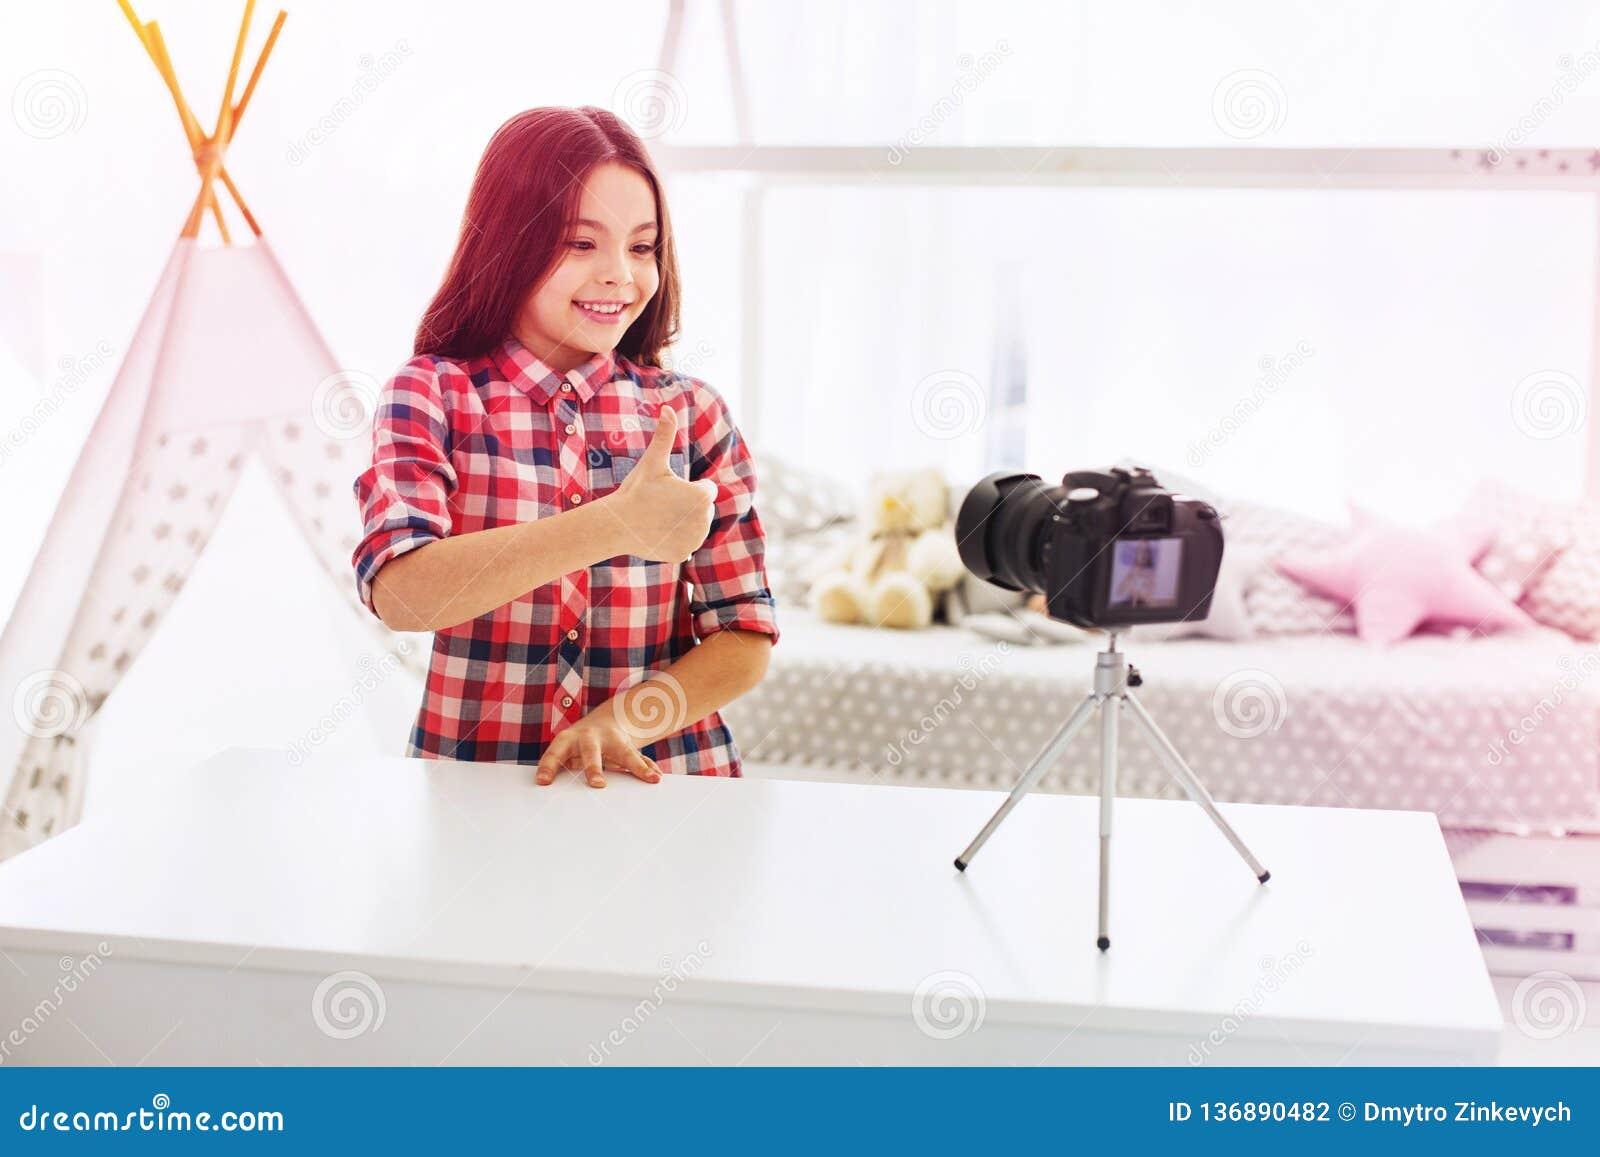 Blogger das crianças que recomenda seus brinquedos novos seus seguidores que filmam o vídeo